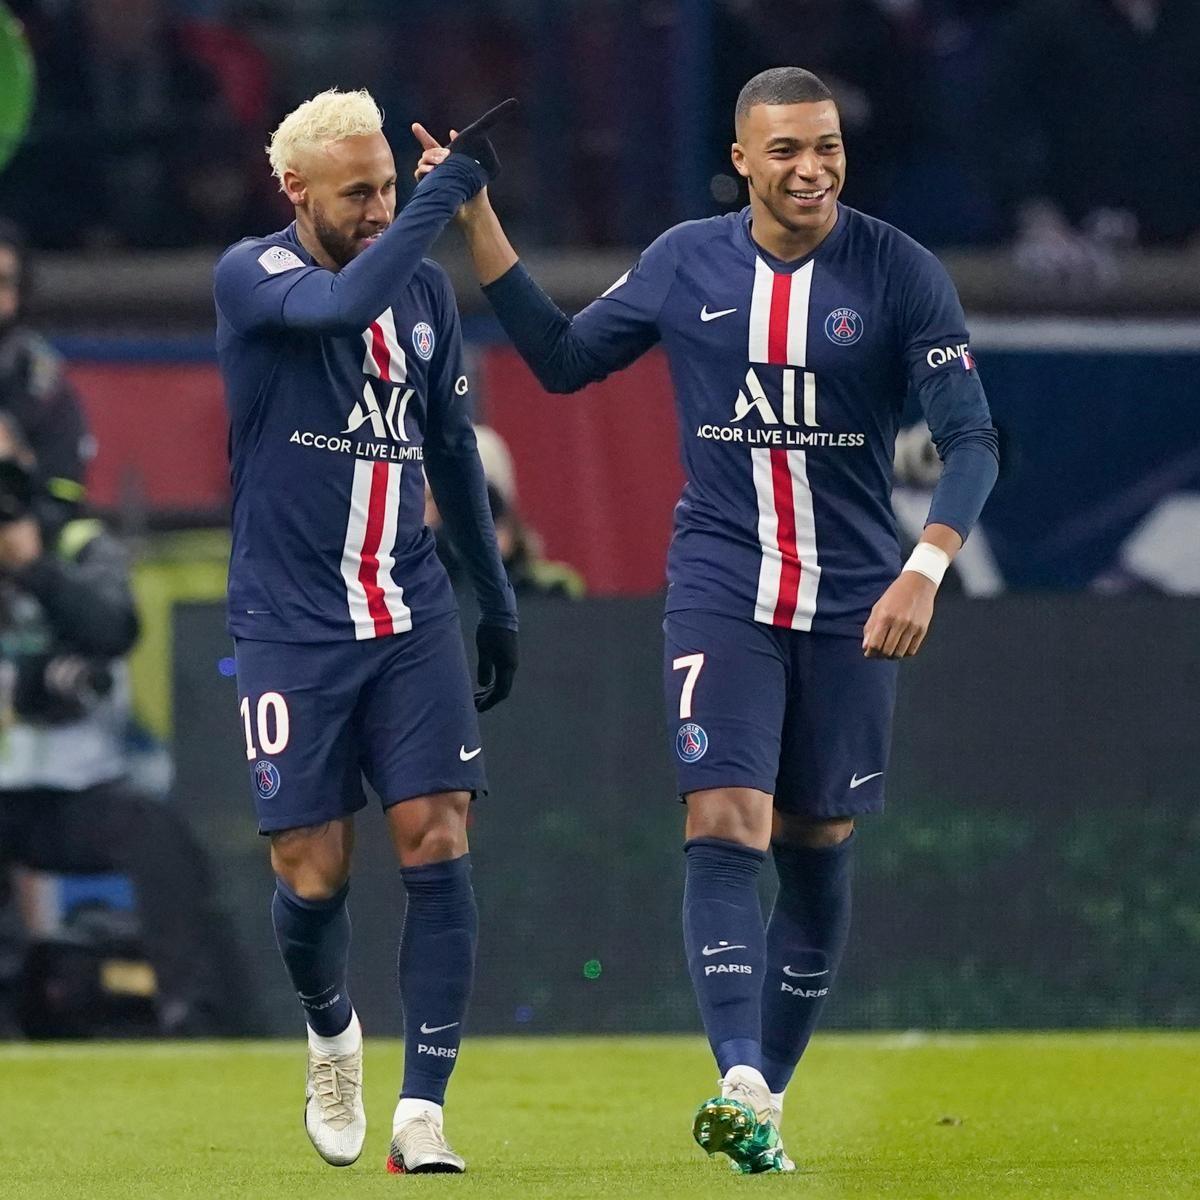 Neymar, Kylian Mbappe Score As PSG Rout Monaco 41 In